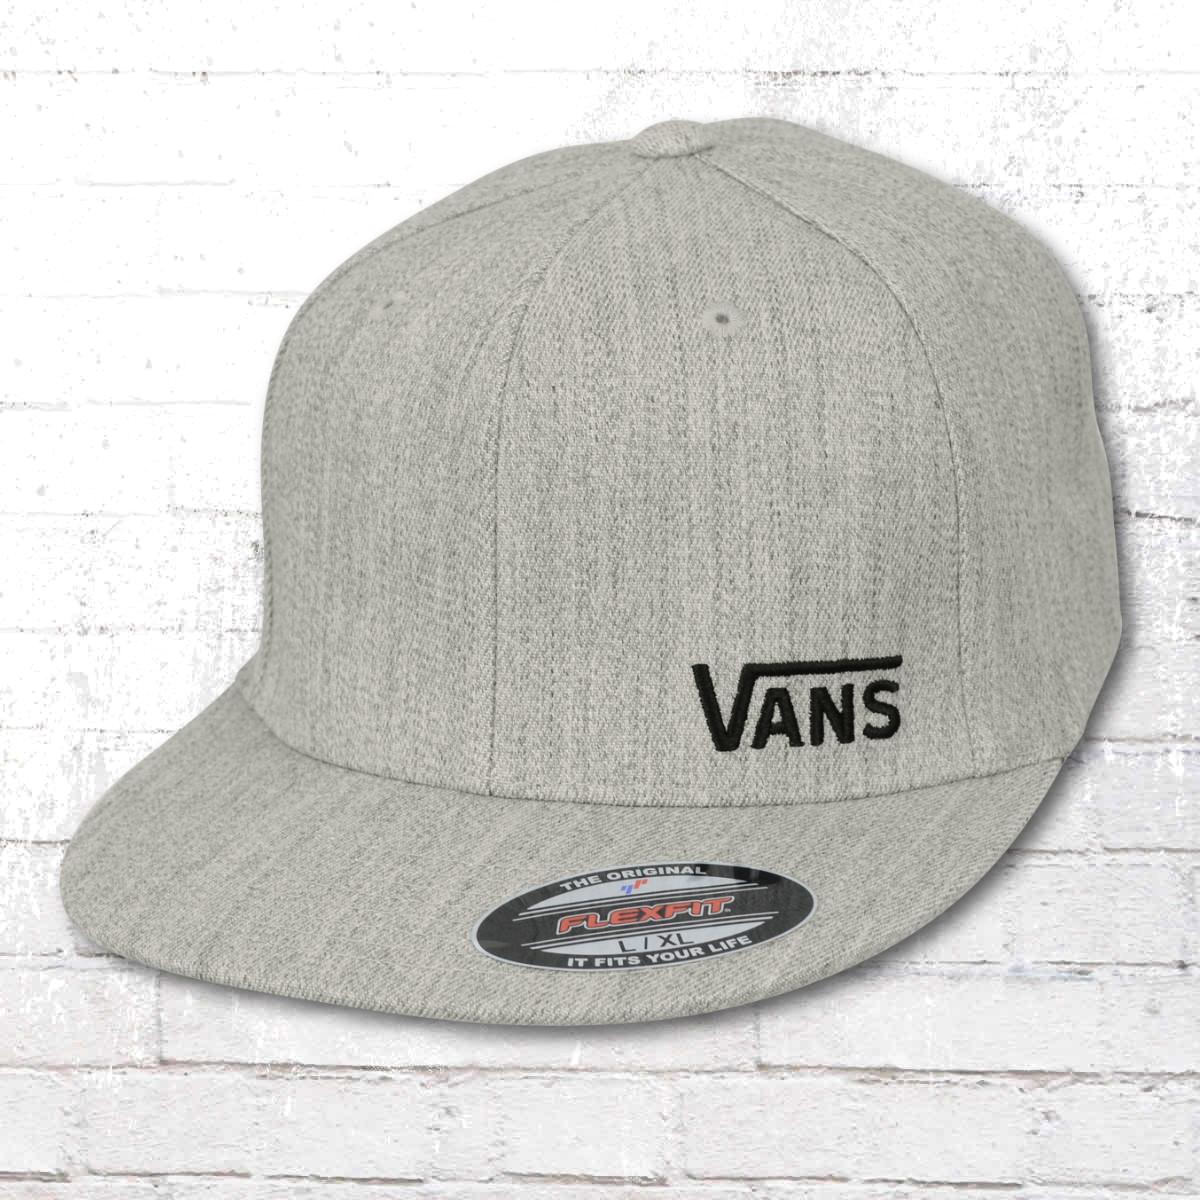 0addded9289 Vans Flexfit Cap Splitz grey melange ›‹. «